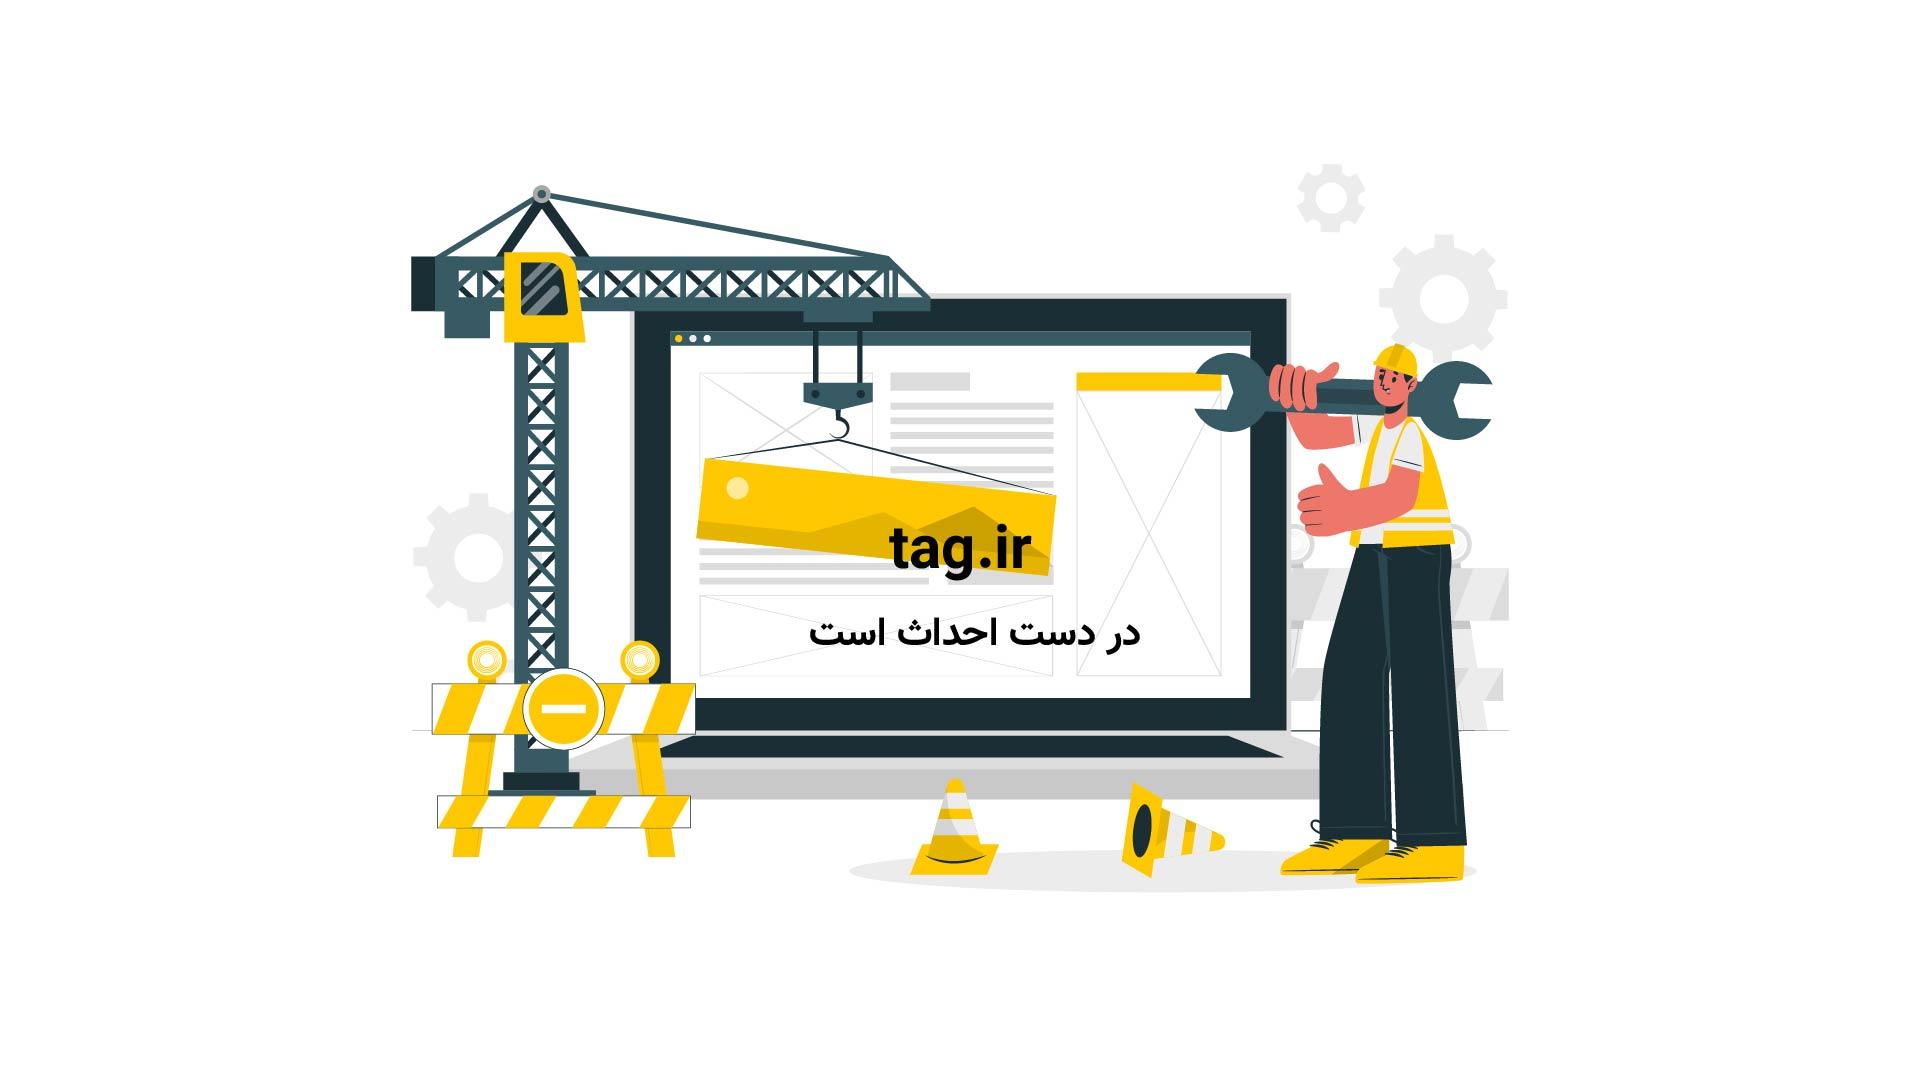 نفتکش ایرانی | تگ